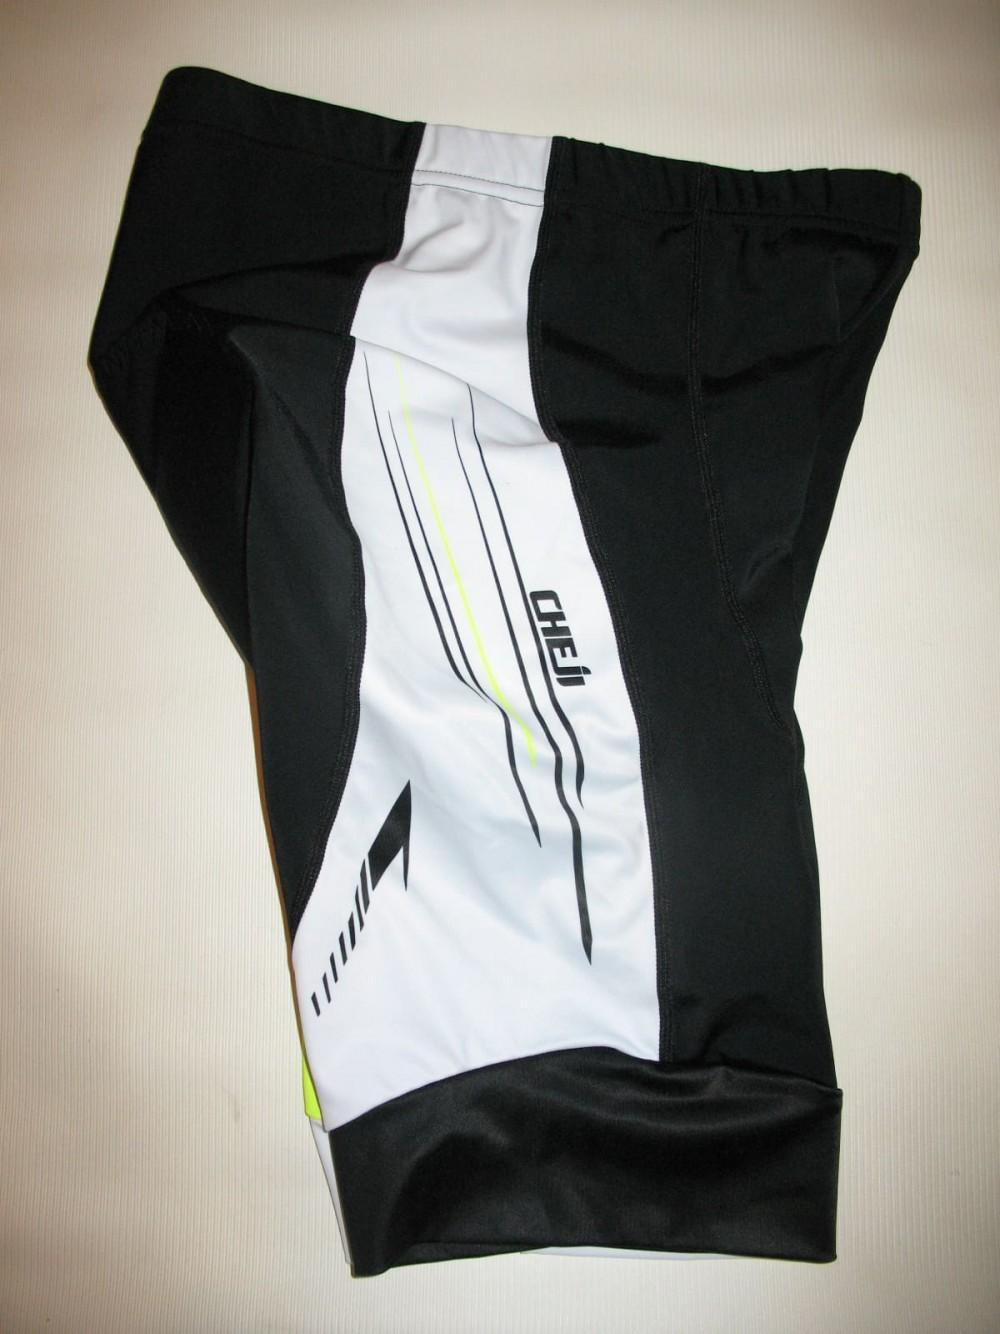 Велокомплект CHEJI violence hornet jersey+shorts (размер L(реально М(на +-180 см))) - 9